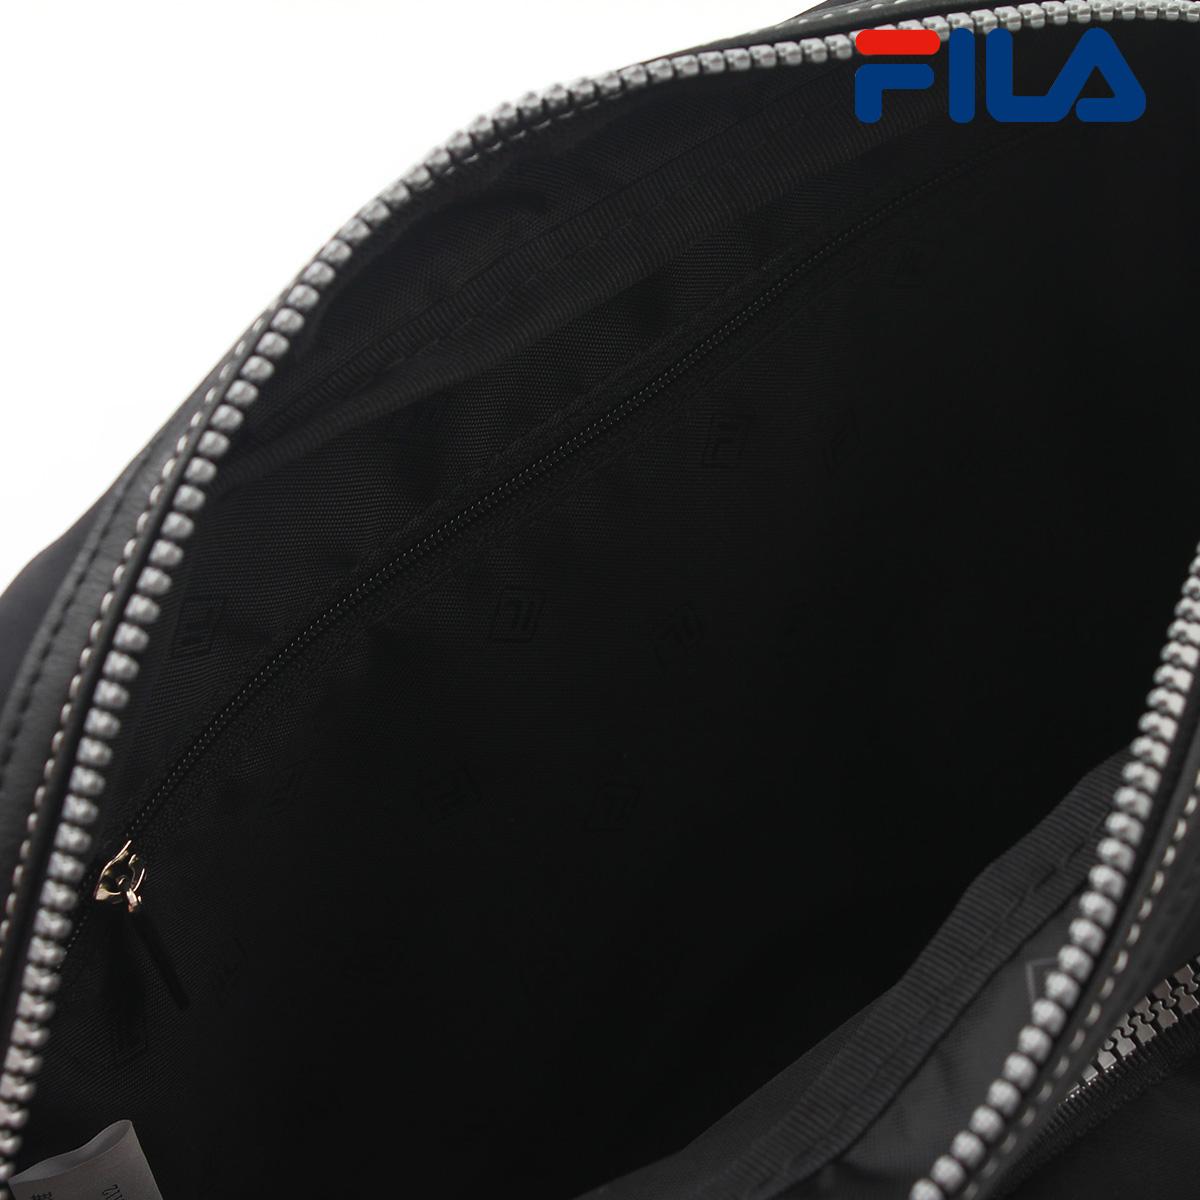 Рюкзак Fila 20745112/A02 20745112-A02 Унисекс